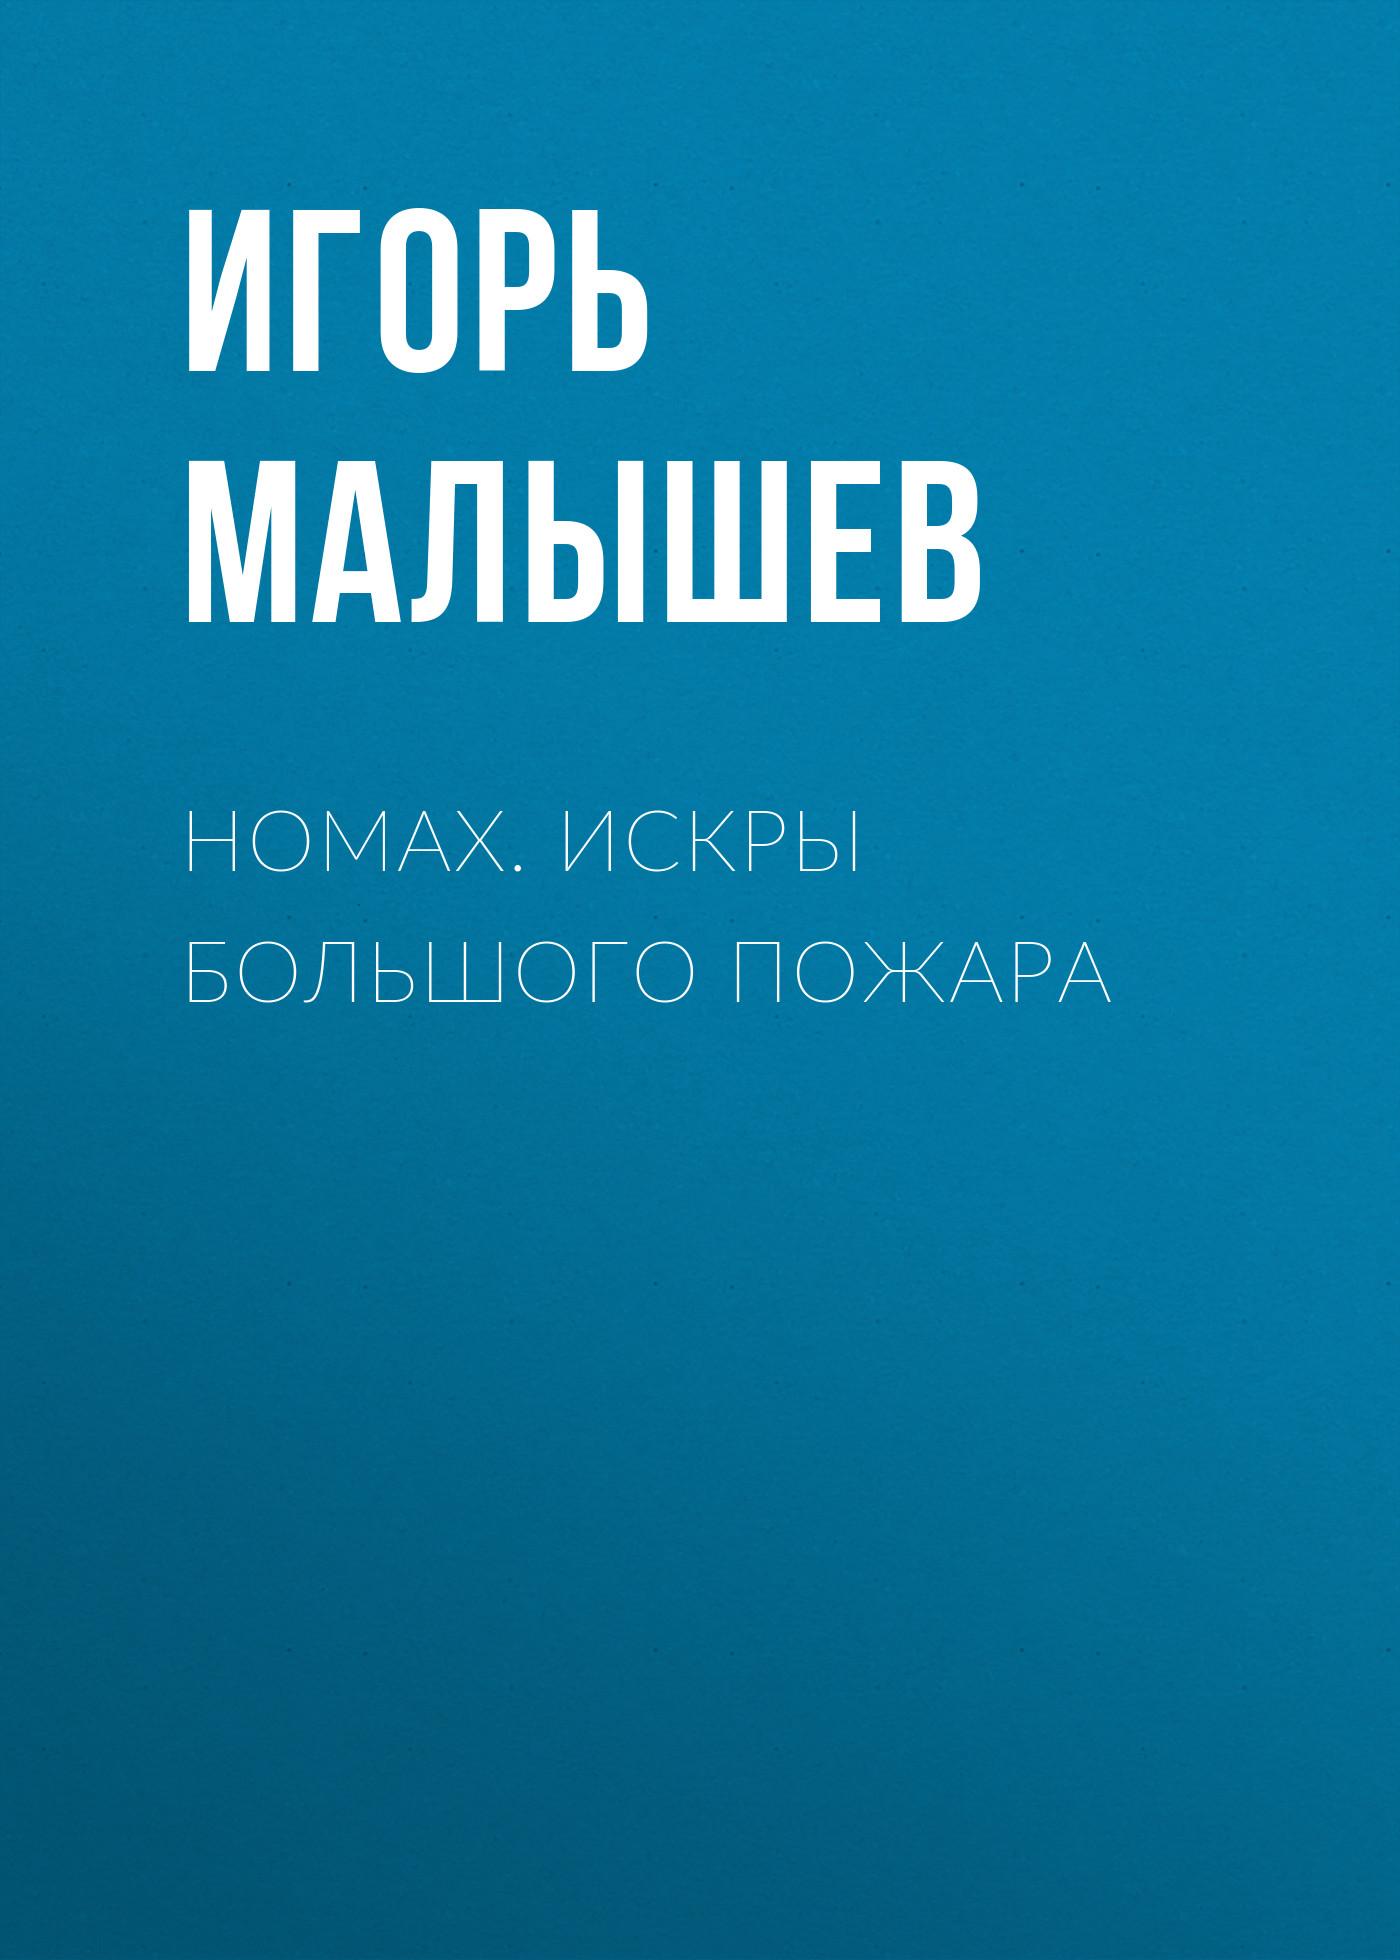 Игорь малышев номах рецензии 8995